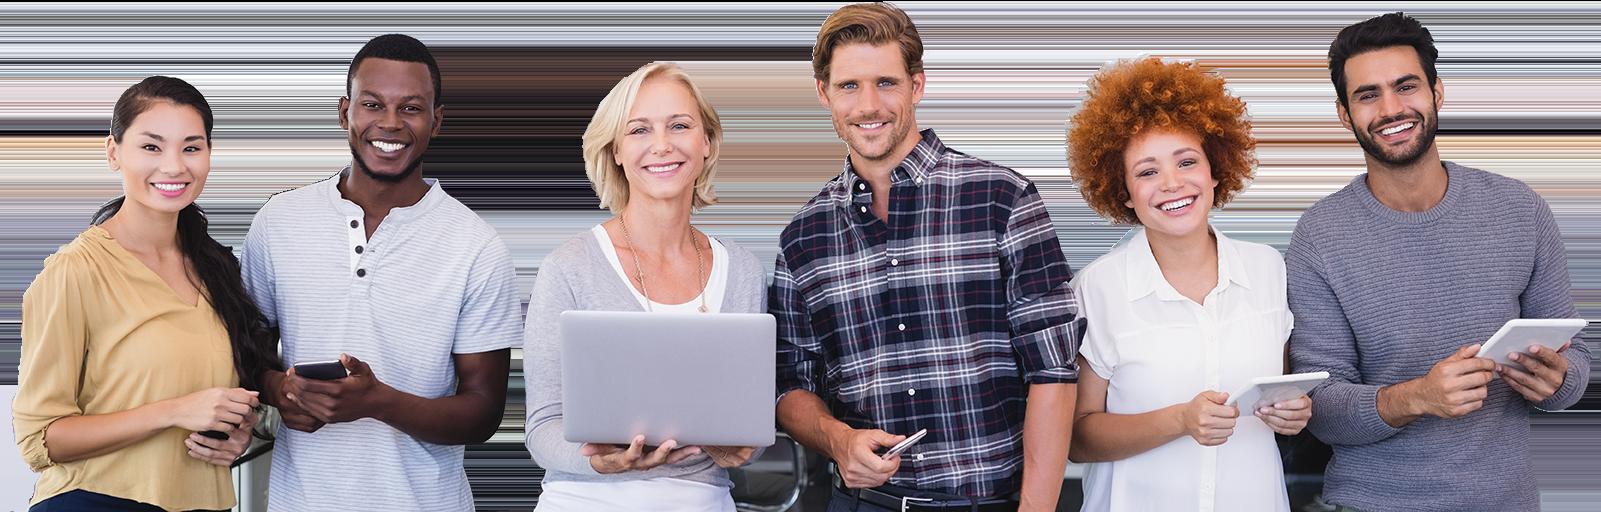 Employés d'entreprises qui sourient chez orthographiq